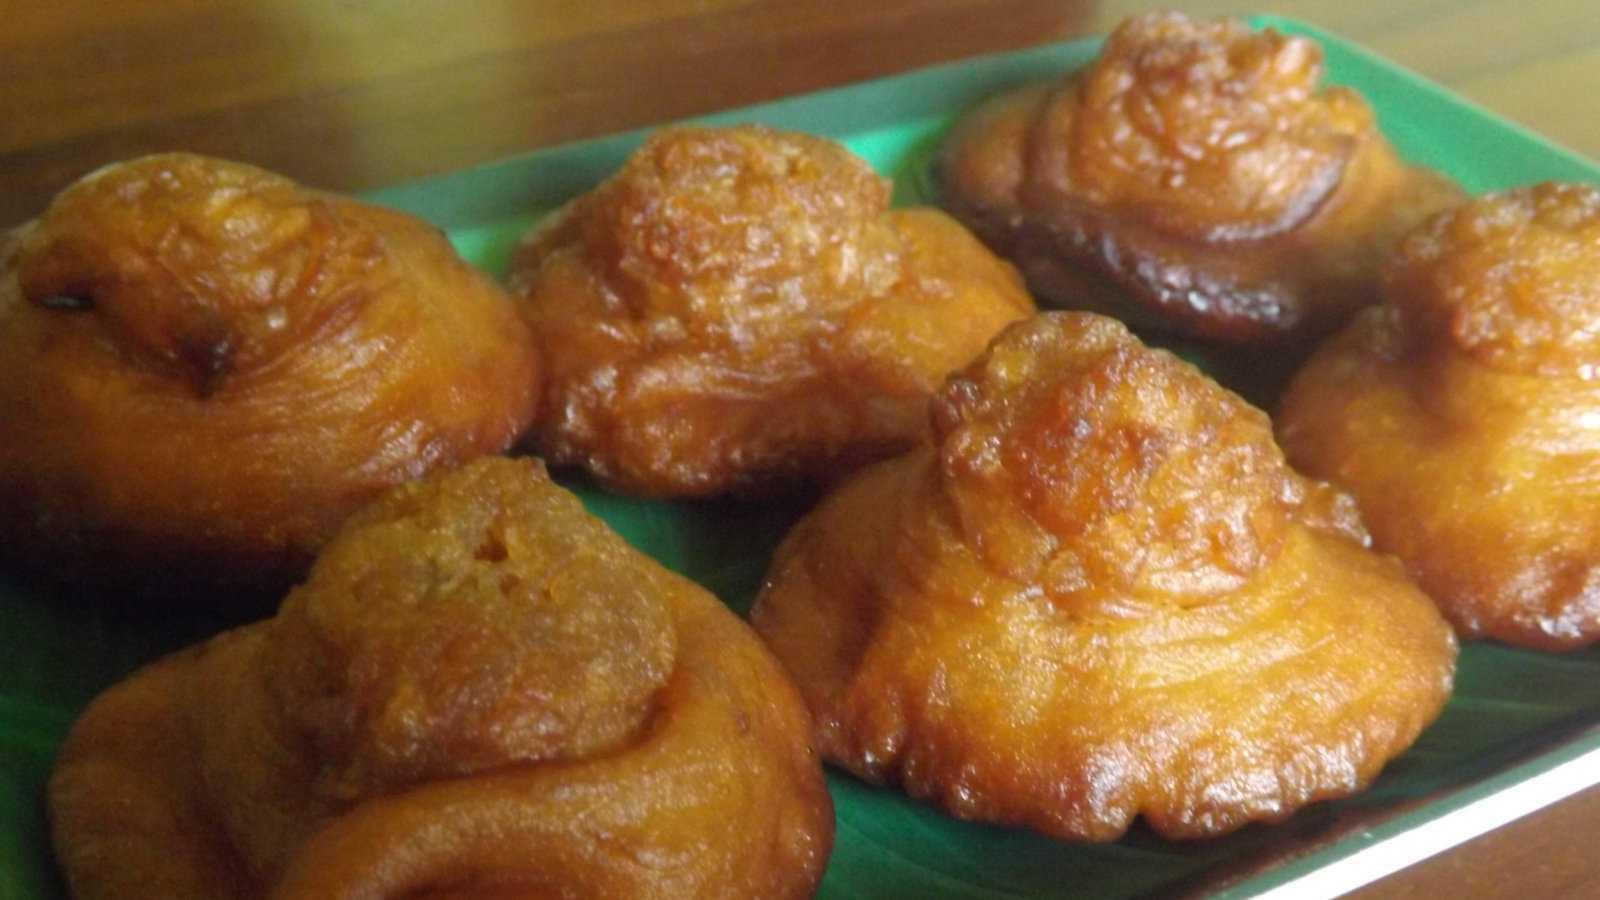 O konda kavum do Sri Lanka é um tipo de bola de óleo muito mais saborosa do que parece